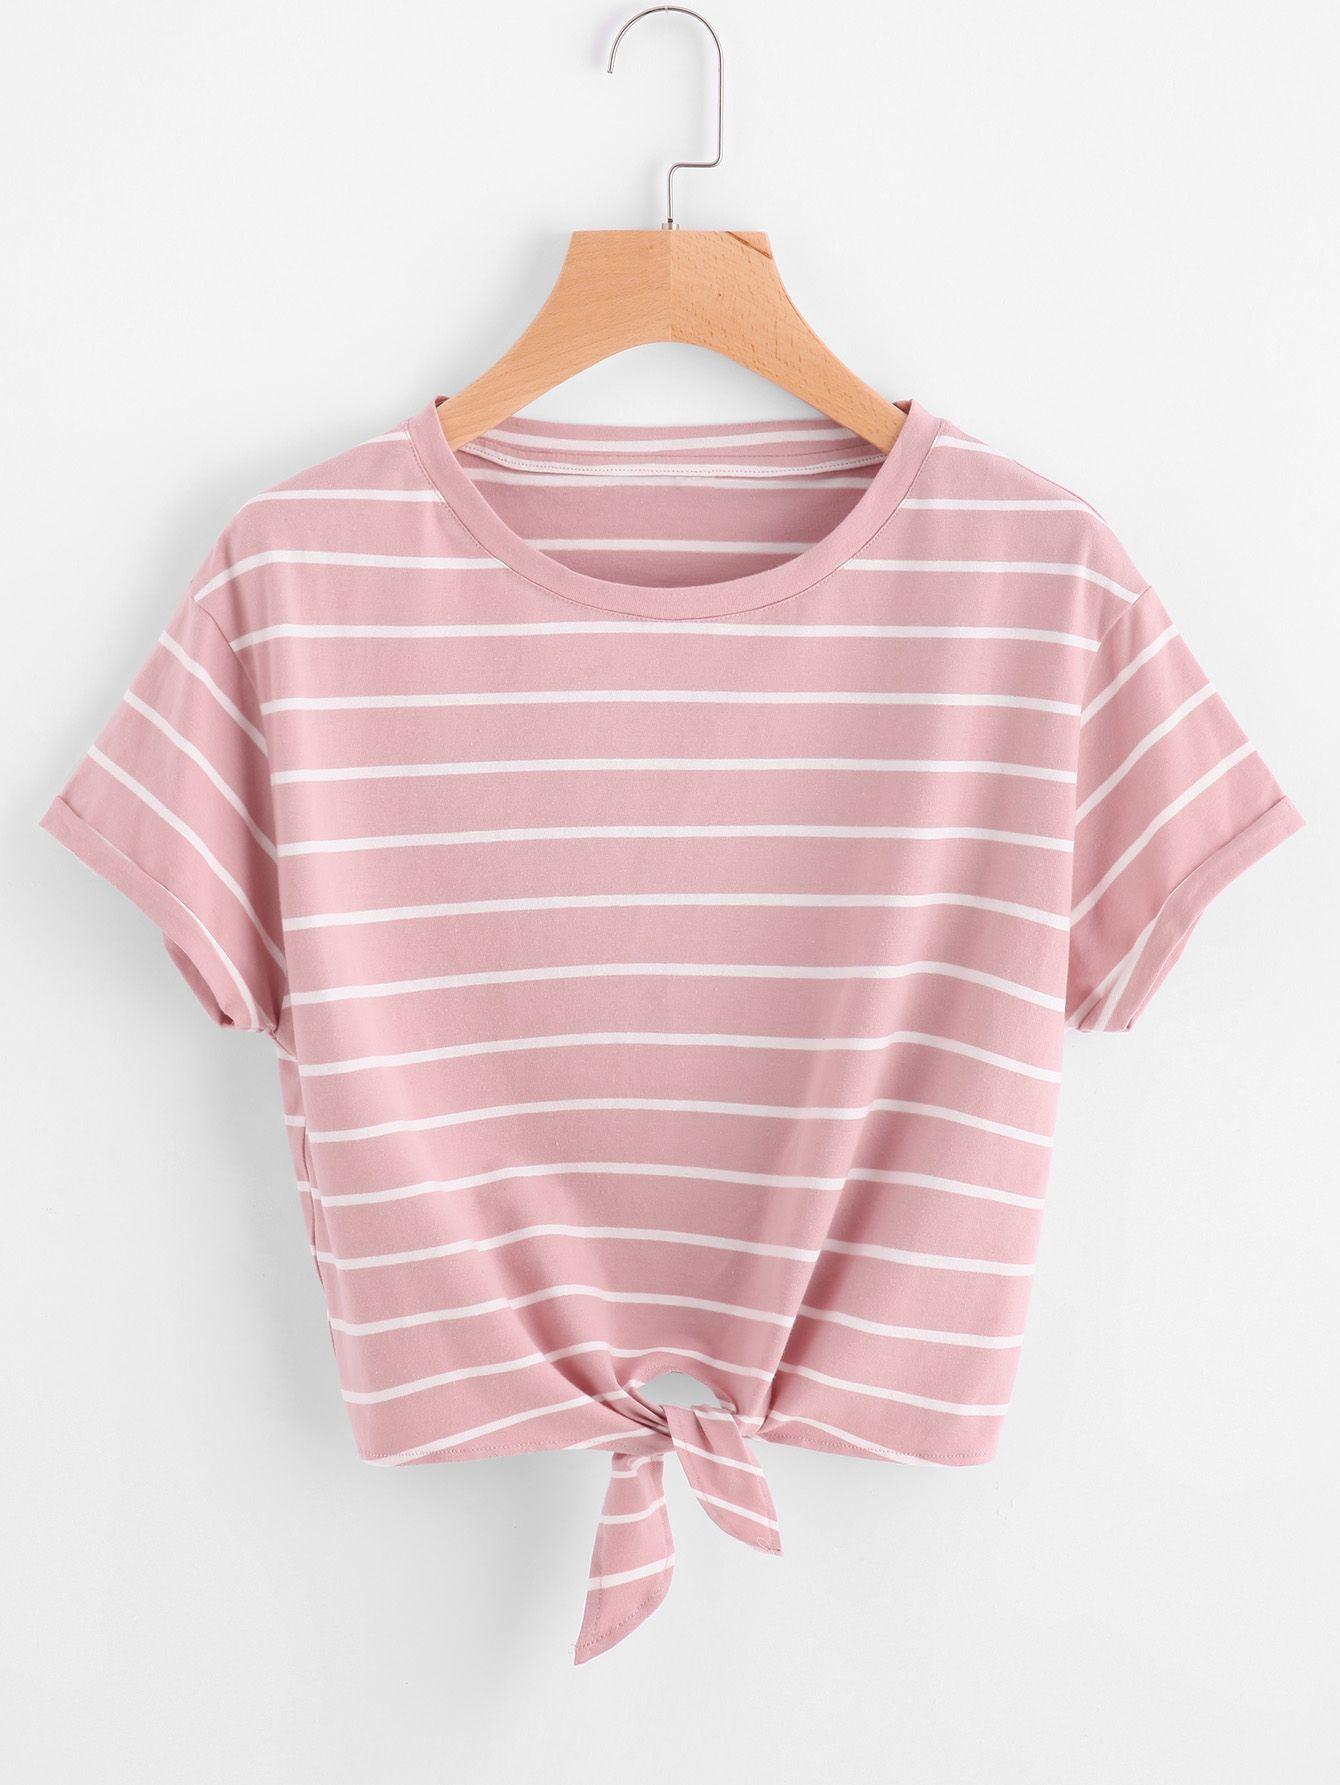 Camiseta de rayas con nudo en la parte delantera -Spanish SheIn(Sheinside) aa35a575027